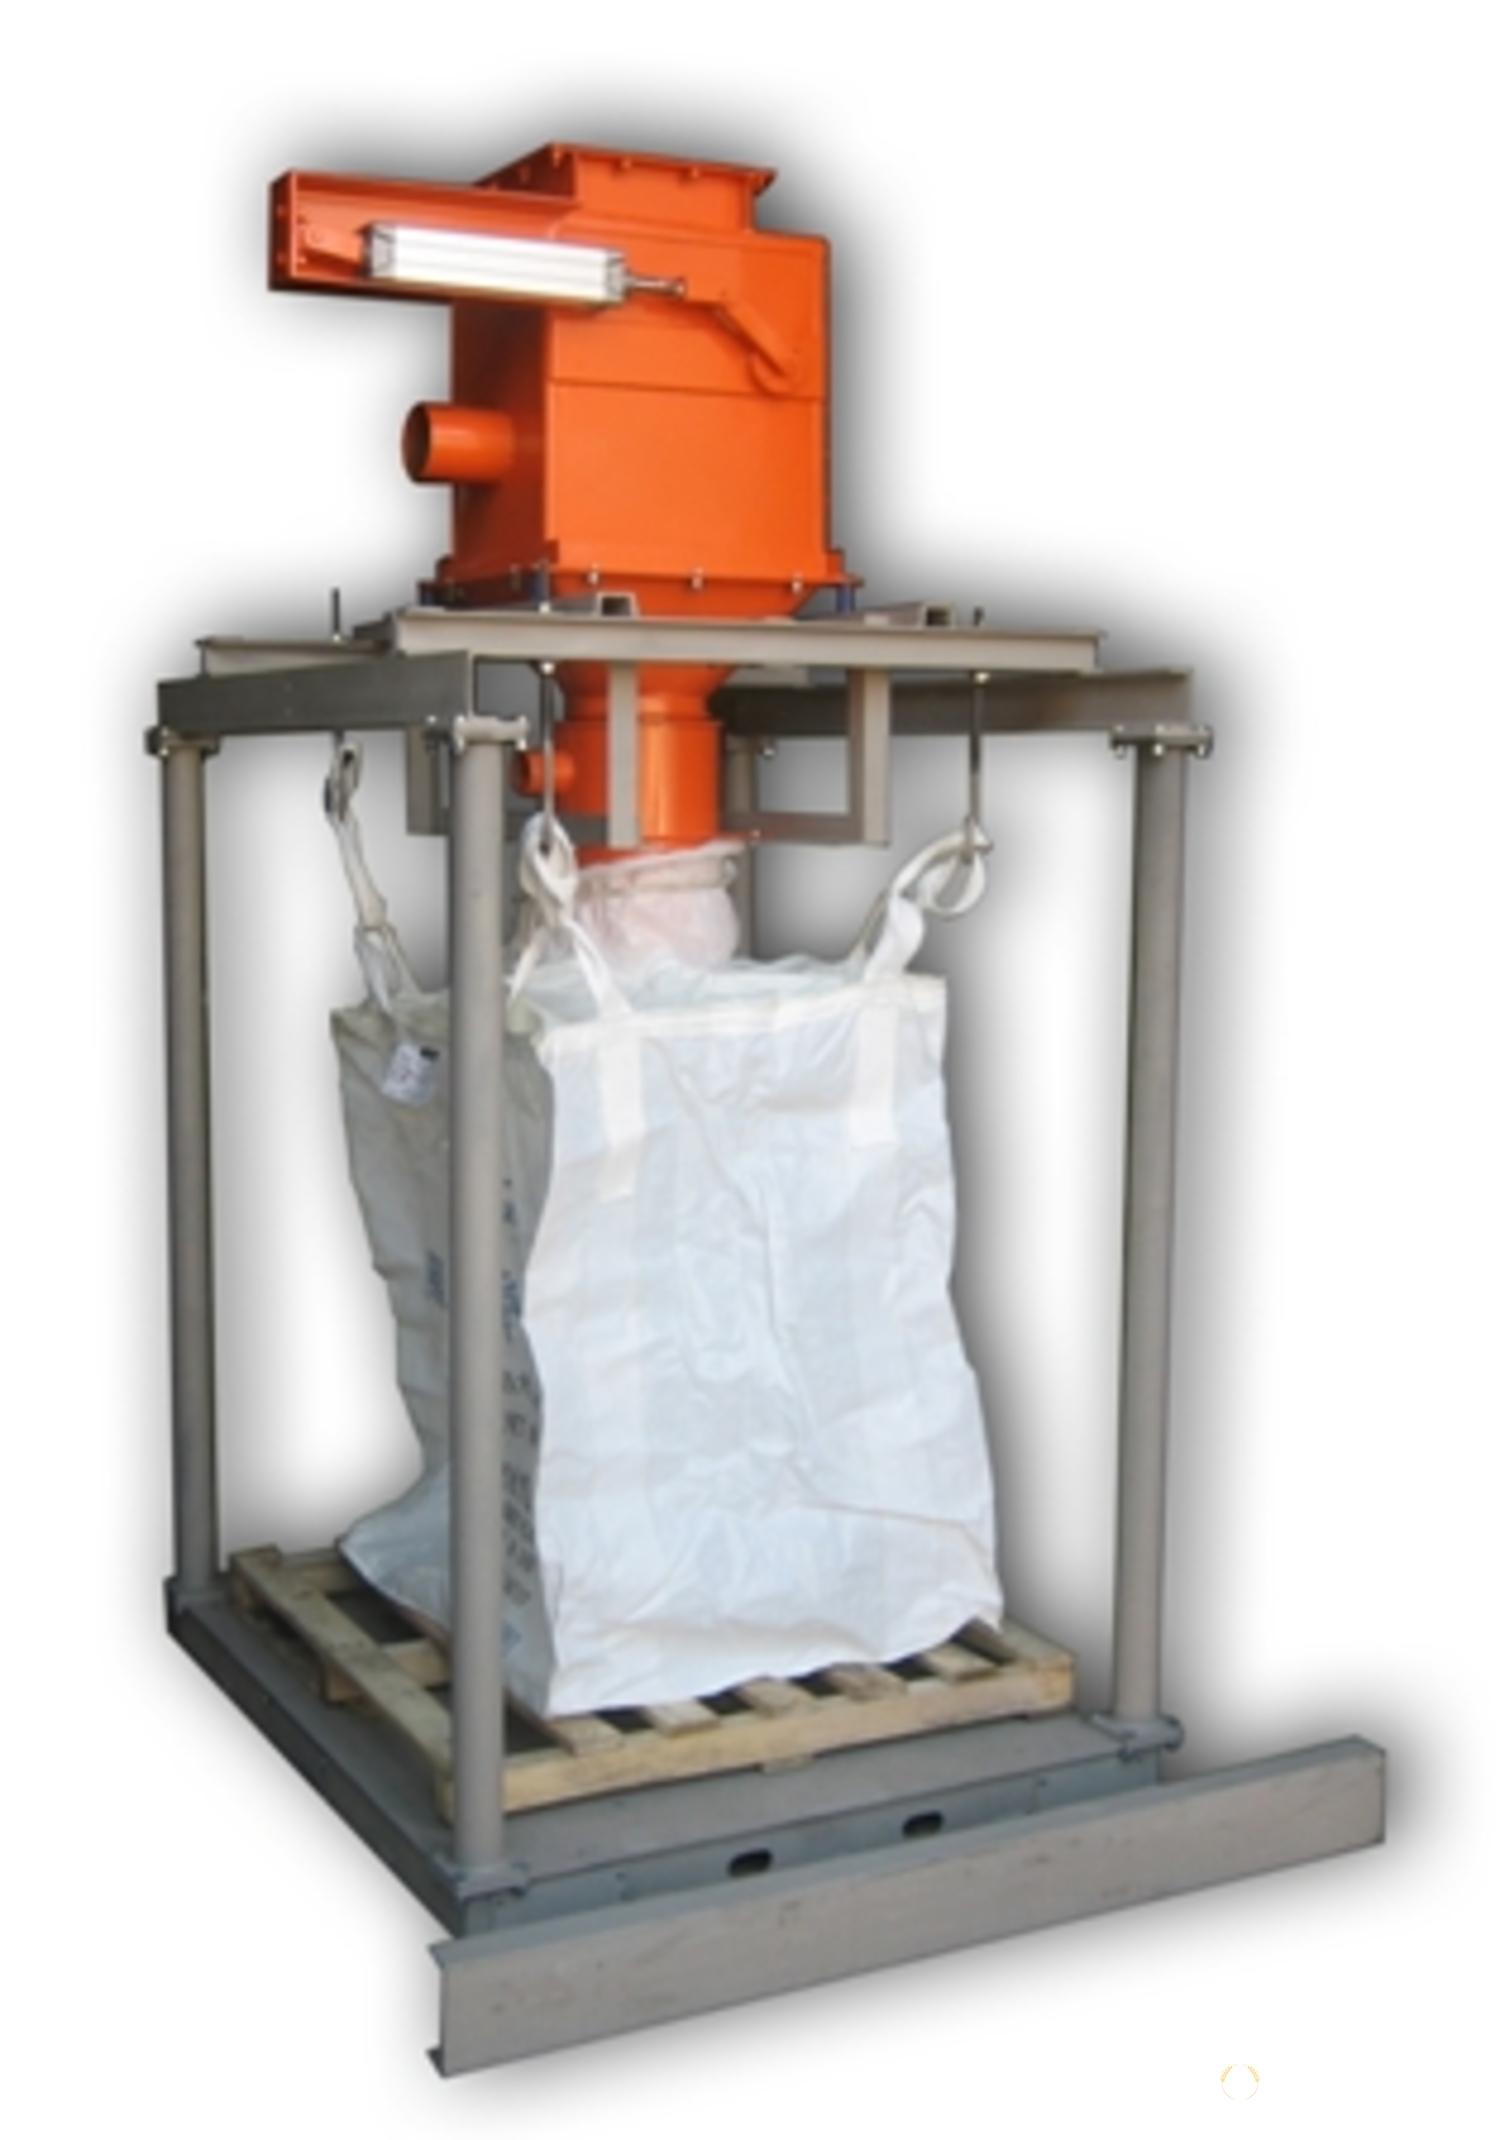 Объявление Дозатор для фасовки сыпучих в мешки «Биг-Бег» (мягкие контейнеры) СВЕДА ДВС-301-1000-1 в Белгородской области